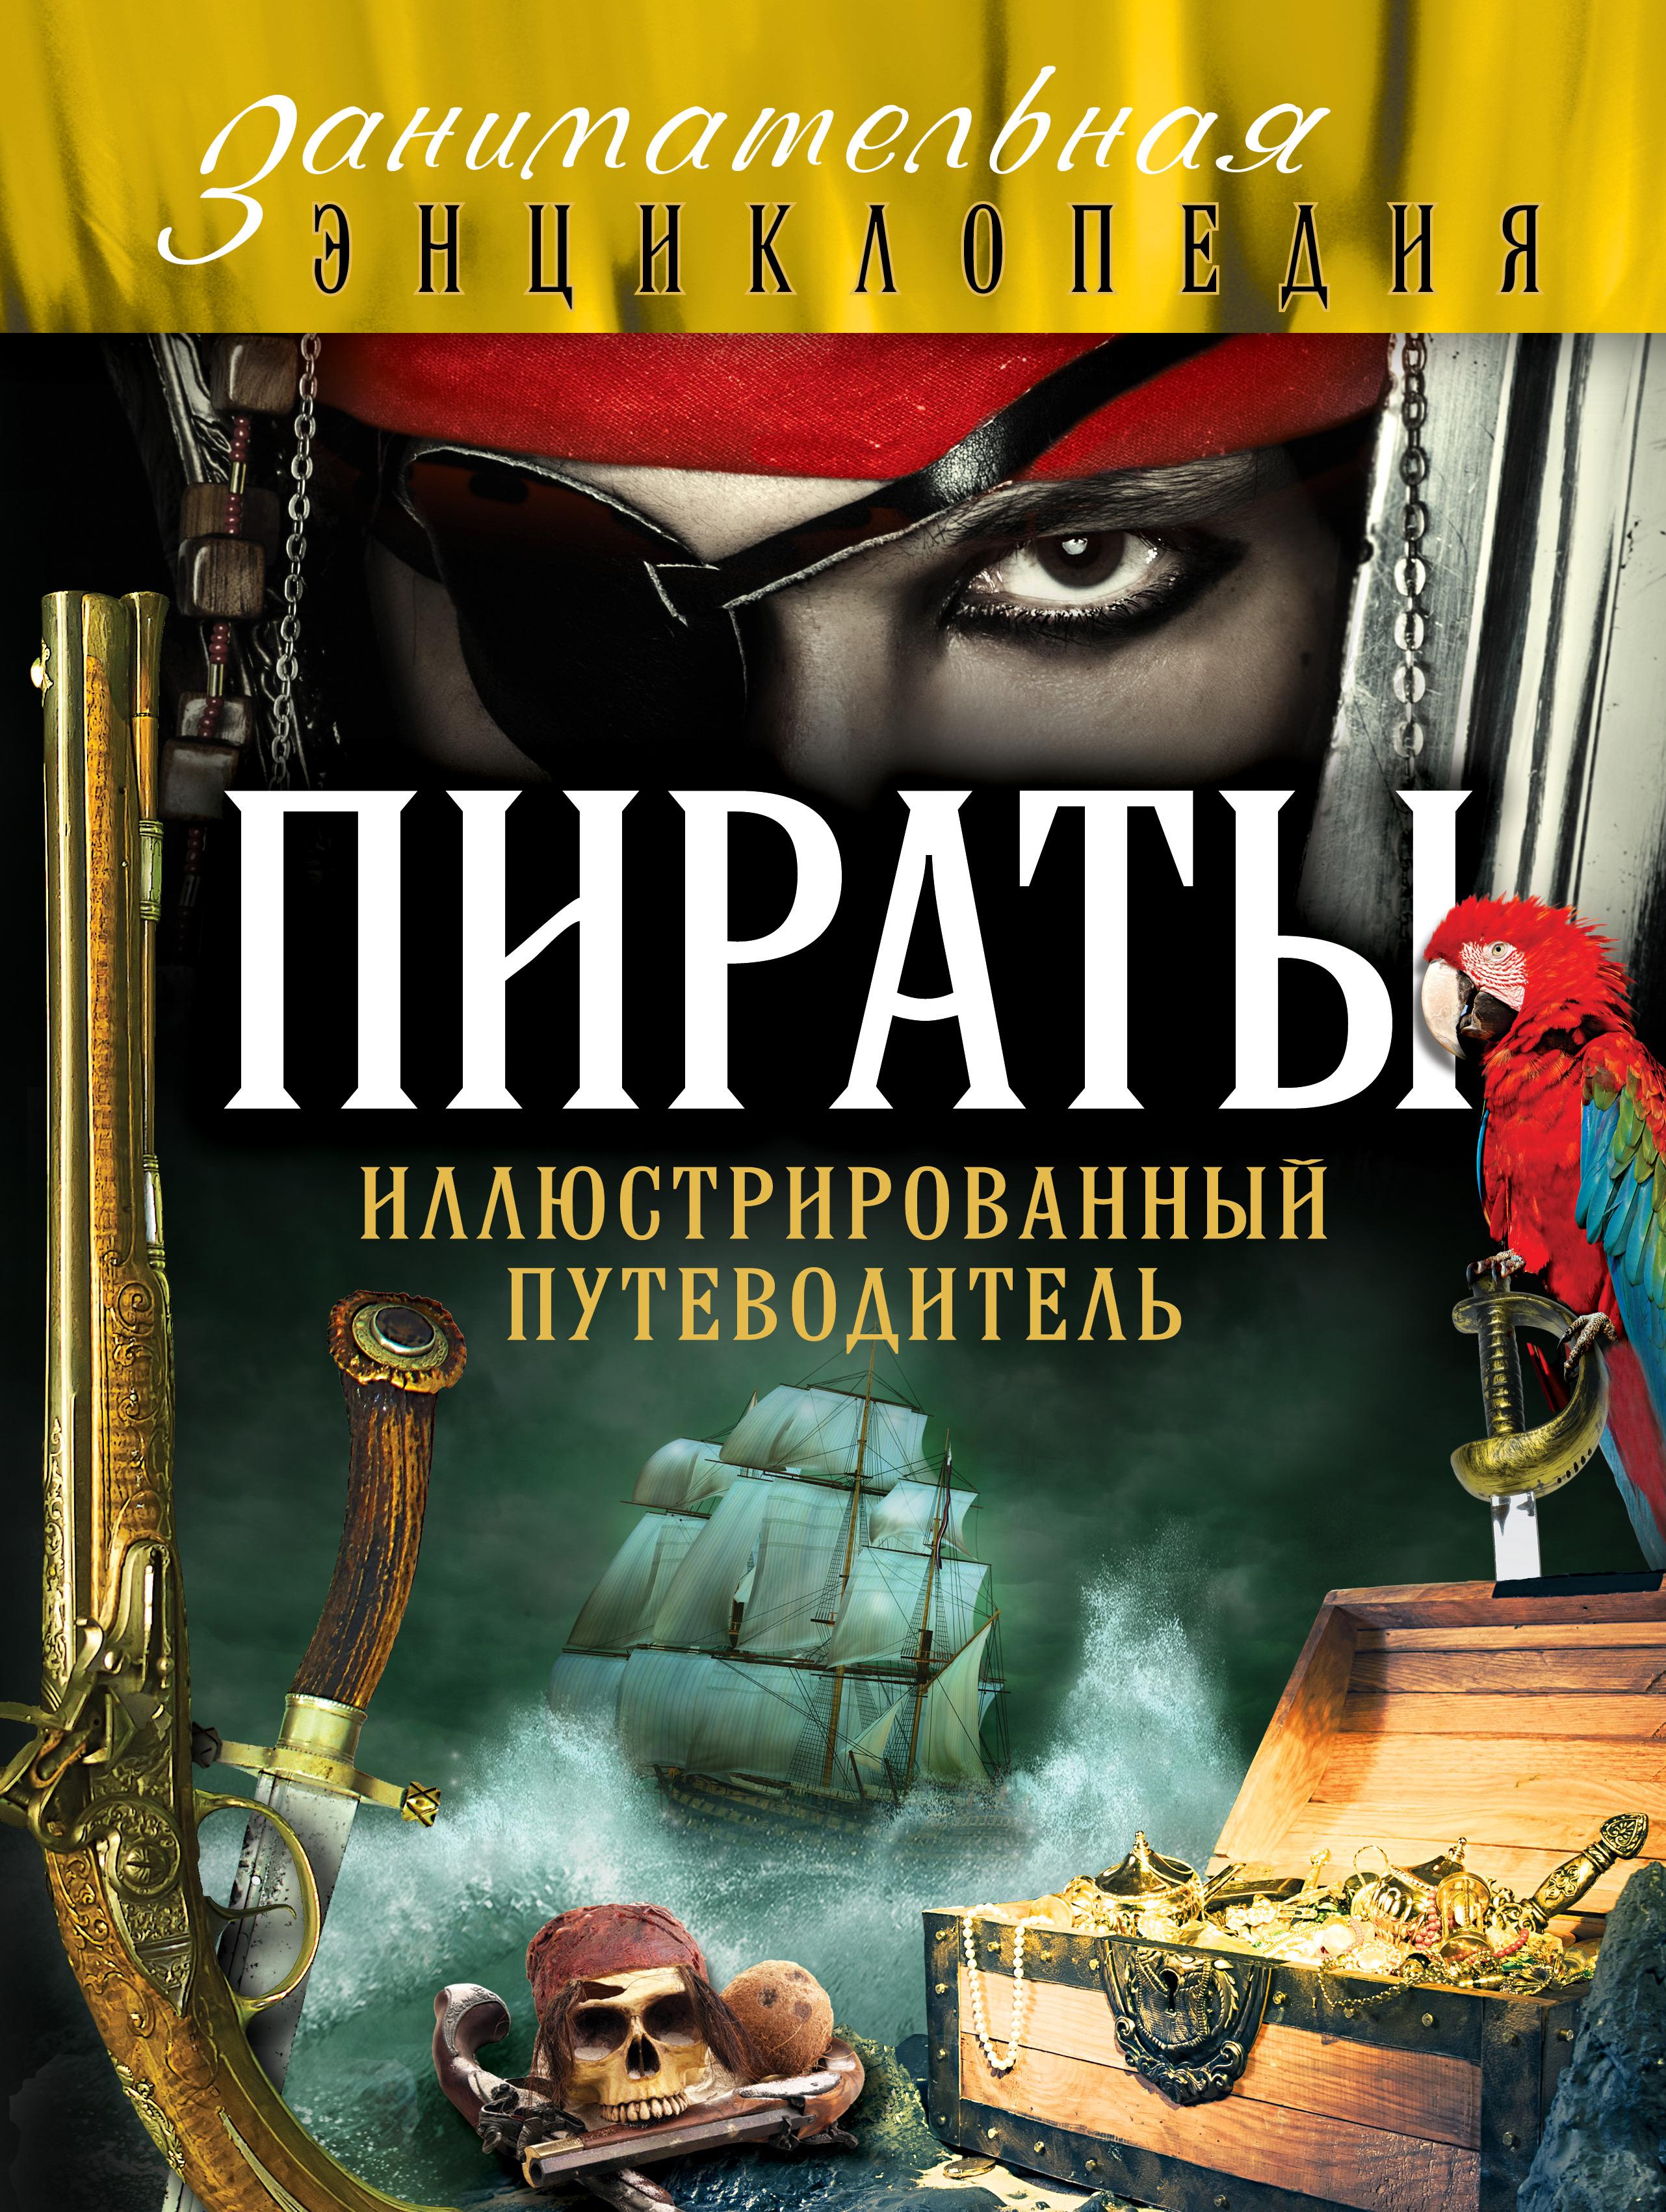 Пираты: иллюстрированный путеводитель ( Шарковский Д.М.  )